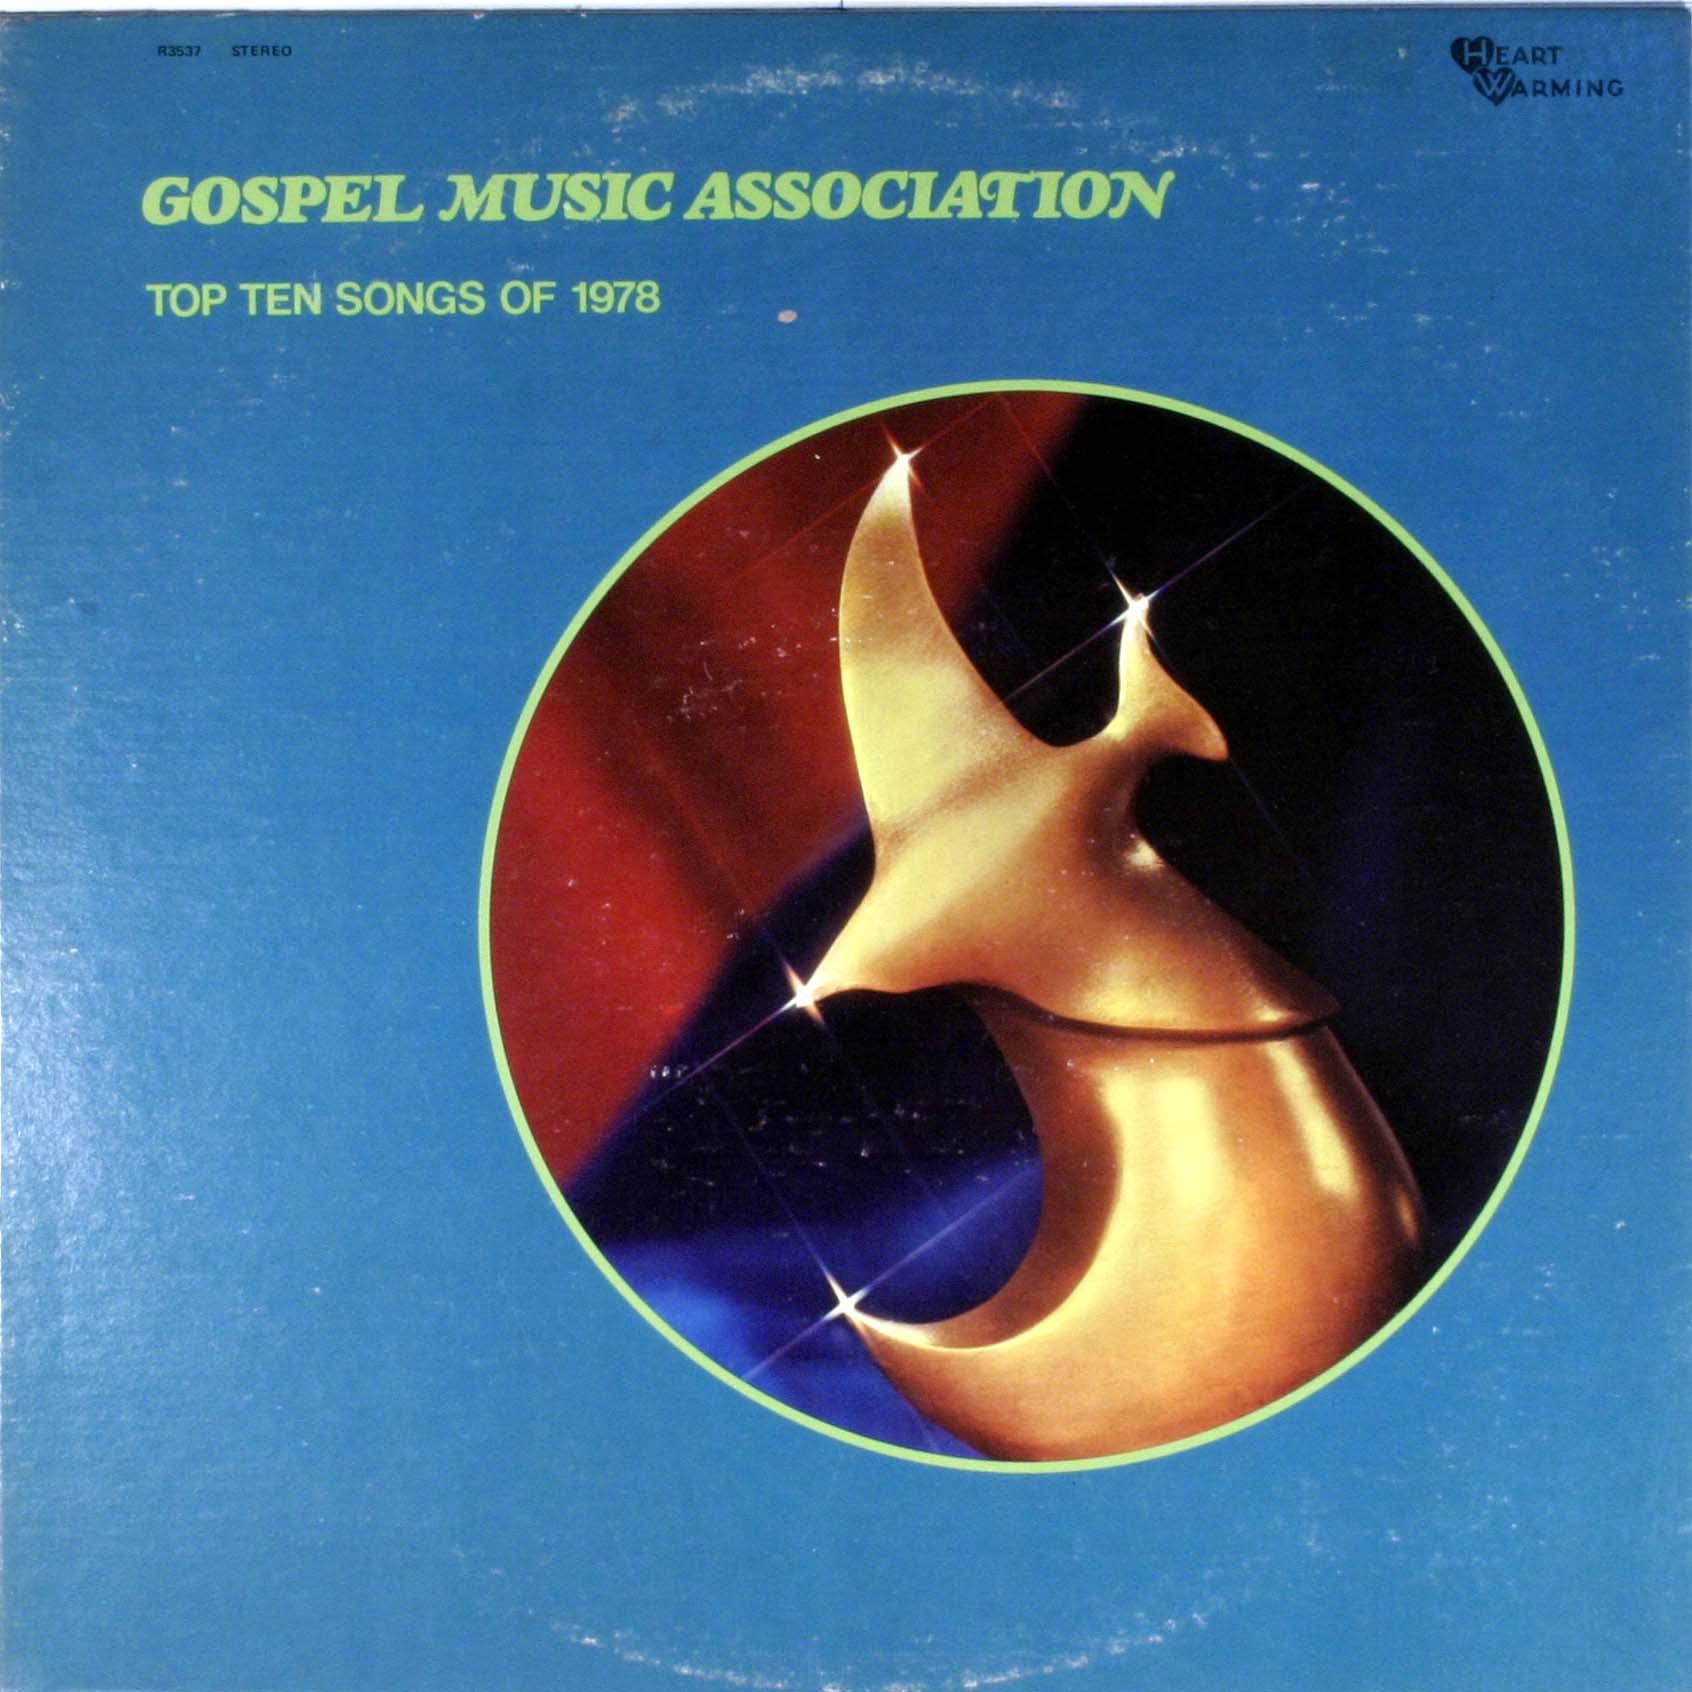 Top Ten Songs Of 1978 - Gospel Music Association